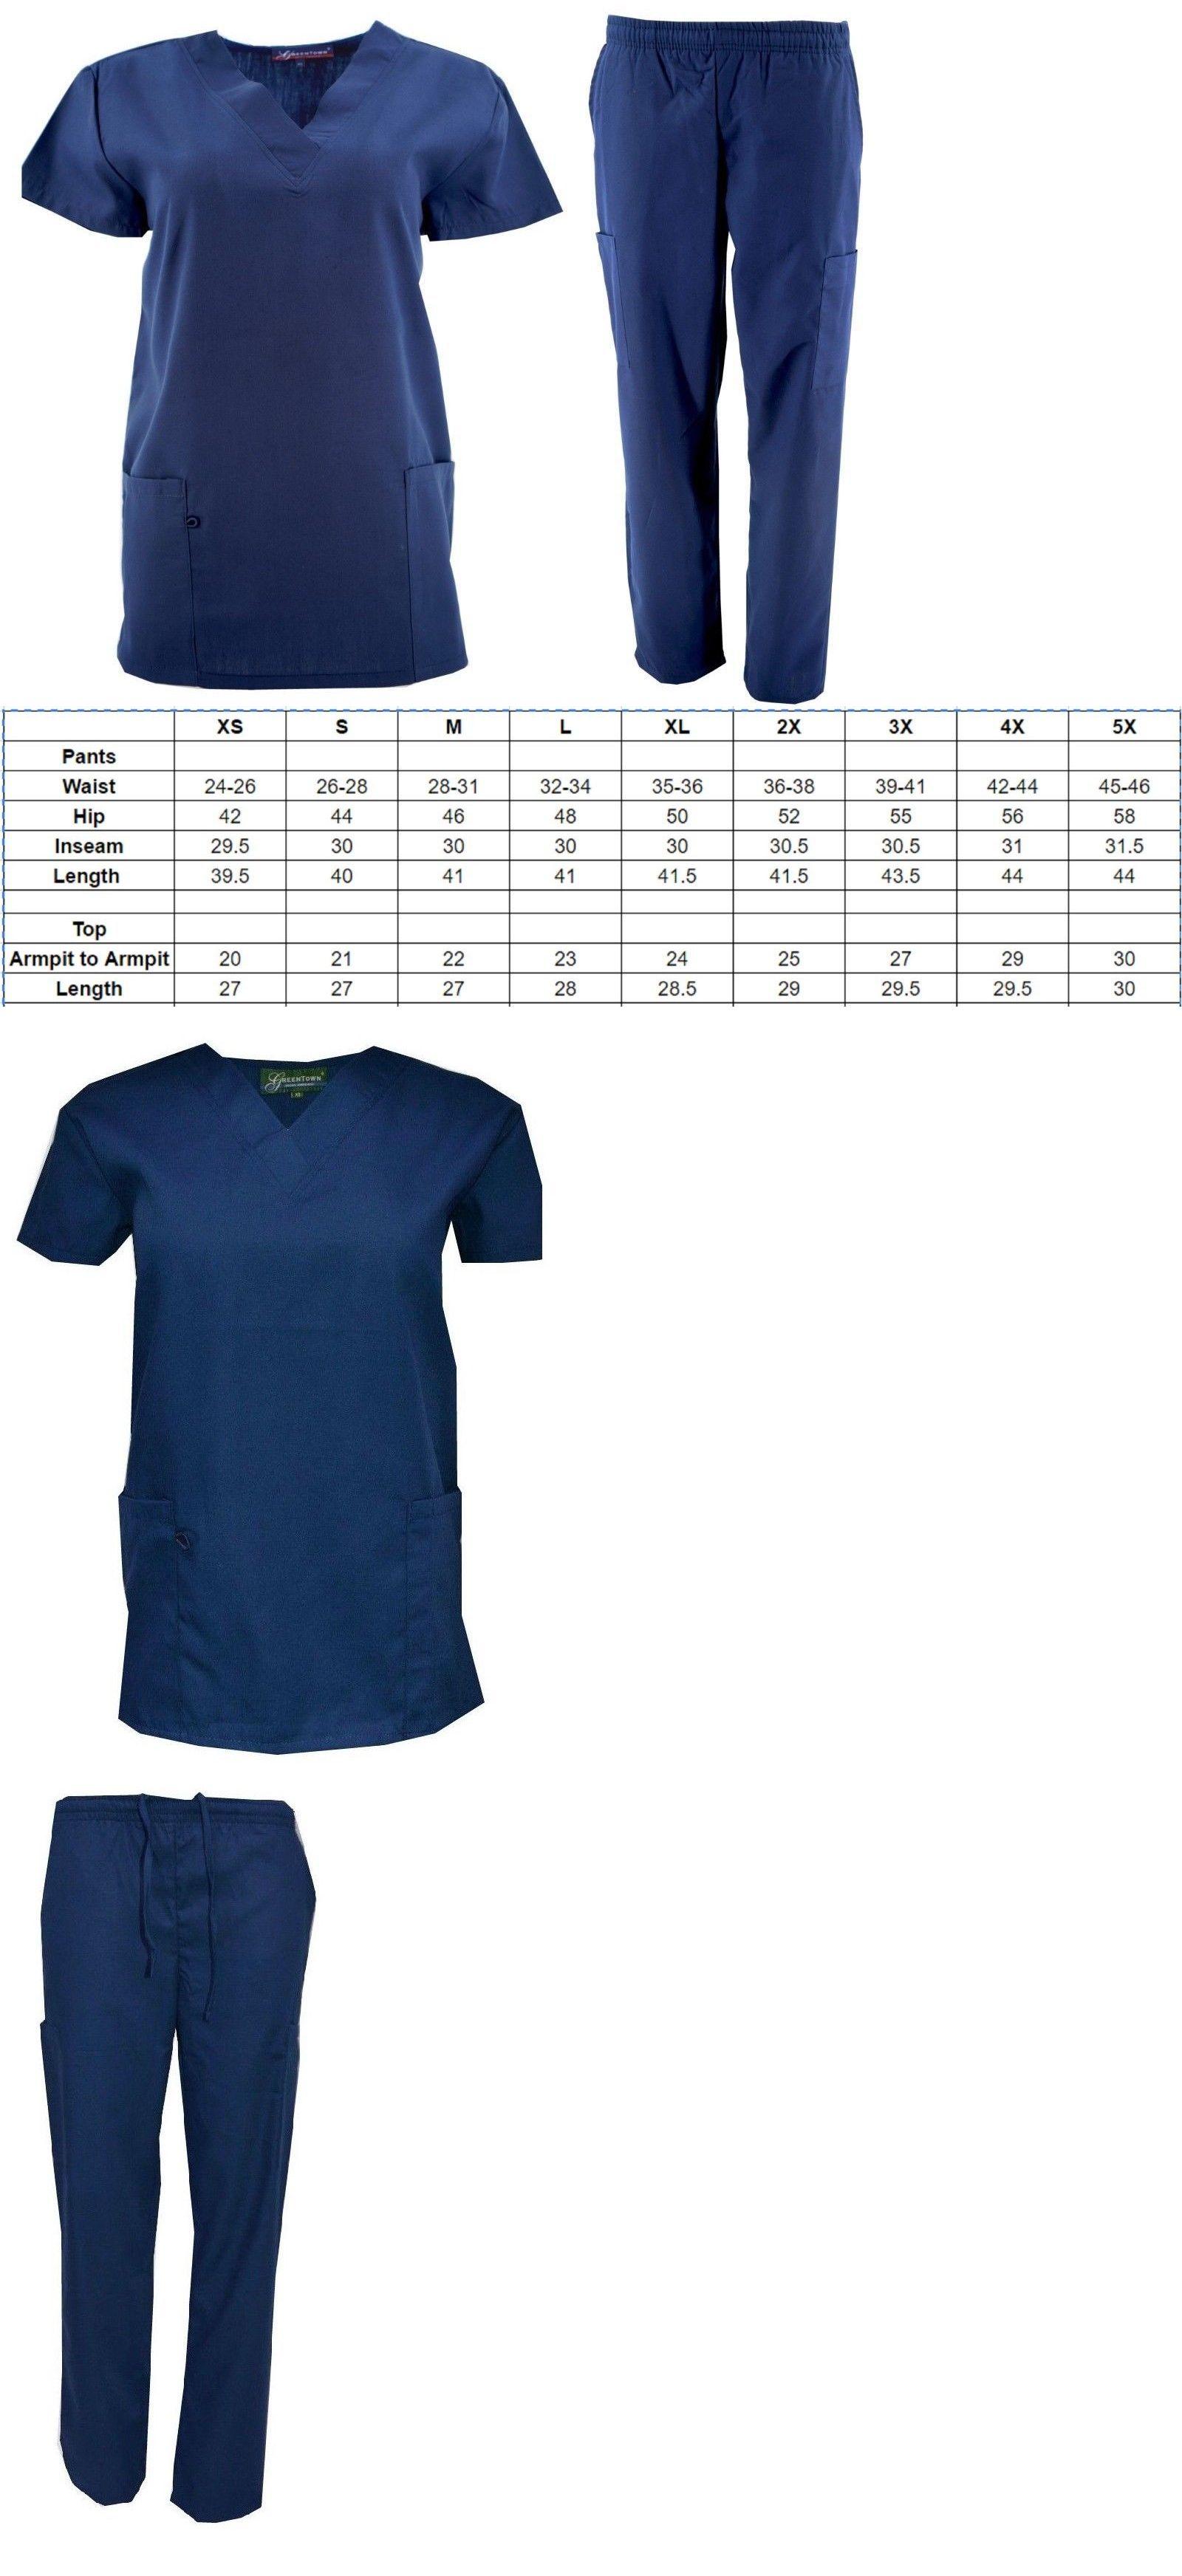 0855d6e18ece9 Sets 105432: Navy Nursing Scrub Set Top And Pant Size Xs S M L Xl 2X 3X 4X  5X -> BUY IT NOW ONLY: $12.99 on #eBay #nursing #scrub